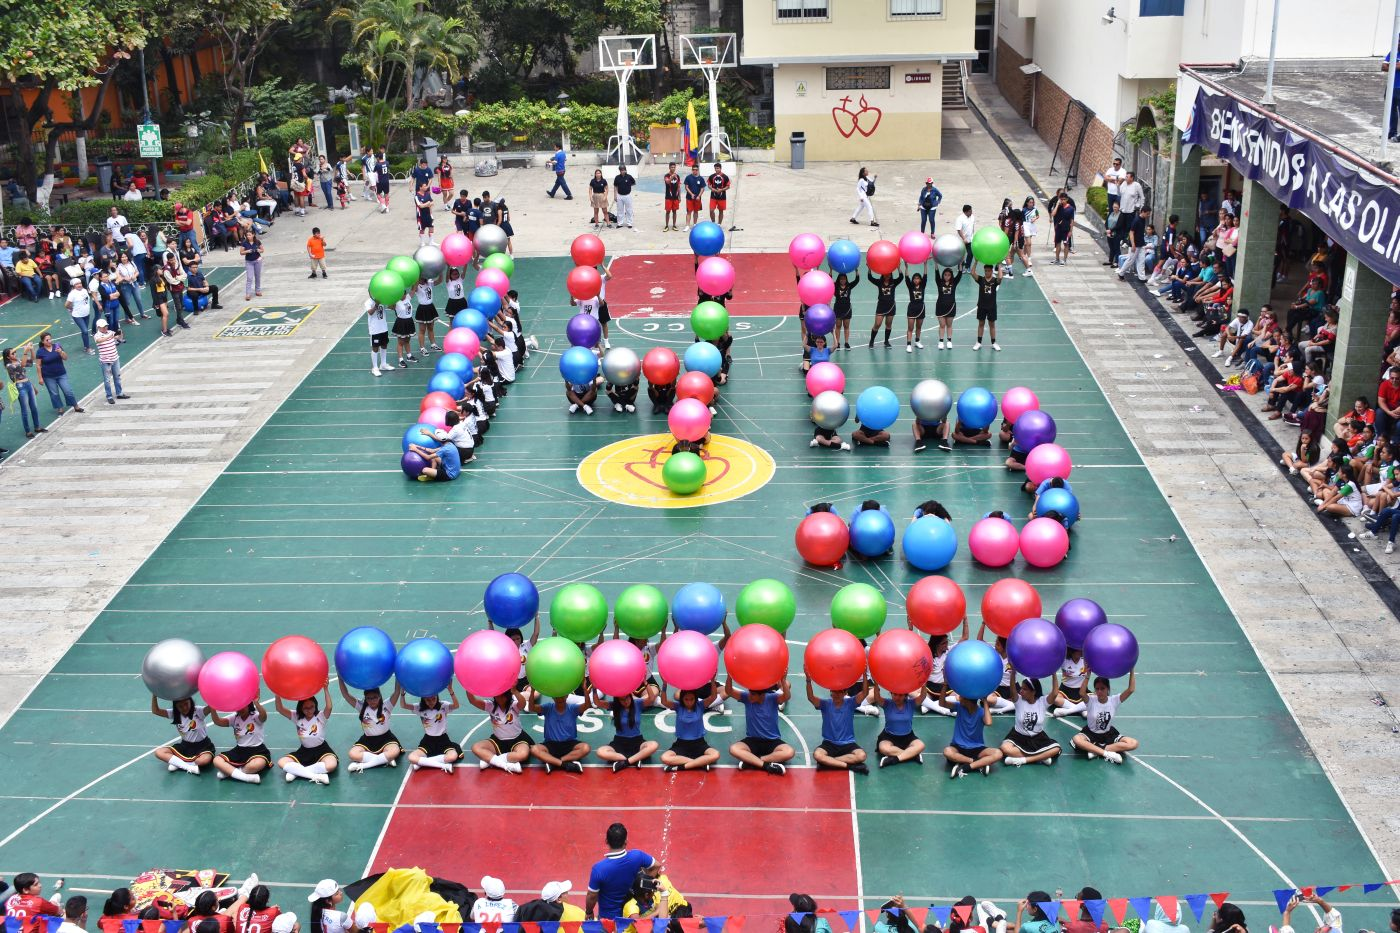 Colegio Sagrados Corazones celebró sus olimpiadas  por sus 145 años de presencia de la congregación en Guayaquil